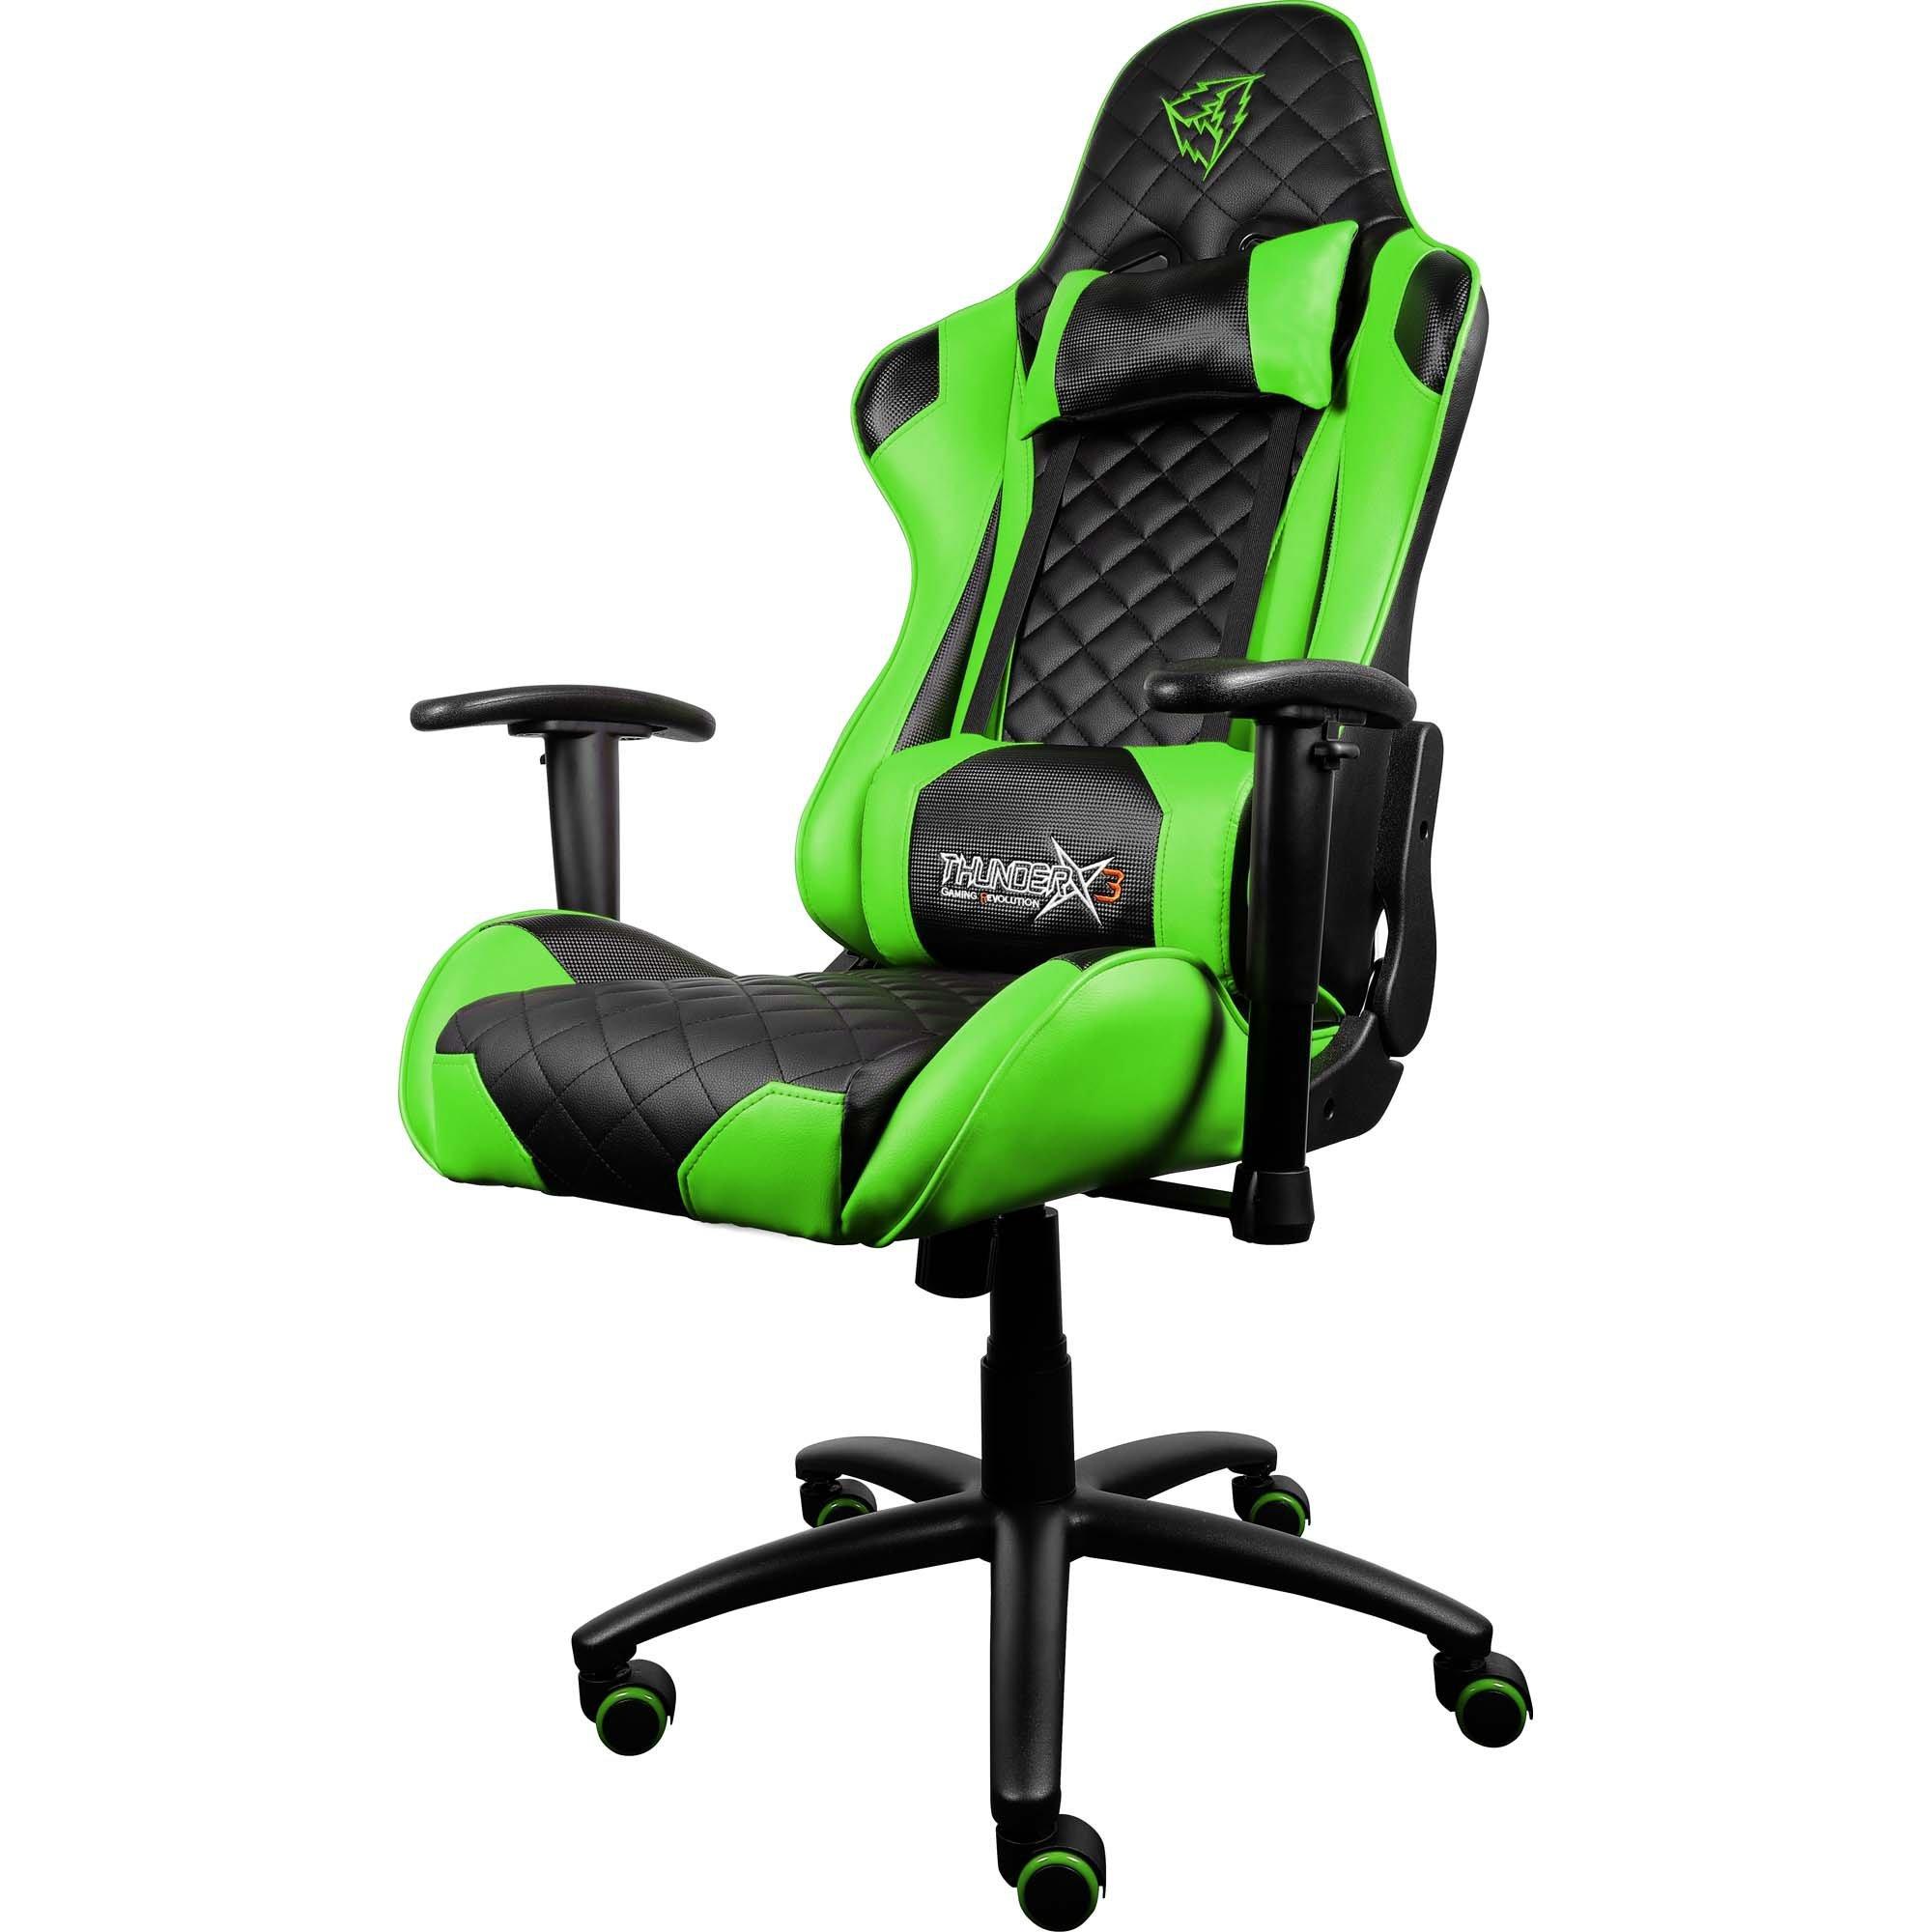 cadeira gamer rapido preta verde thunderx3 profissional tgc12 43832 2000 191586 1